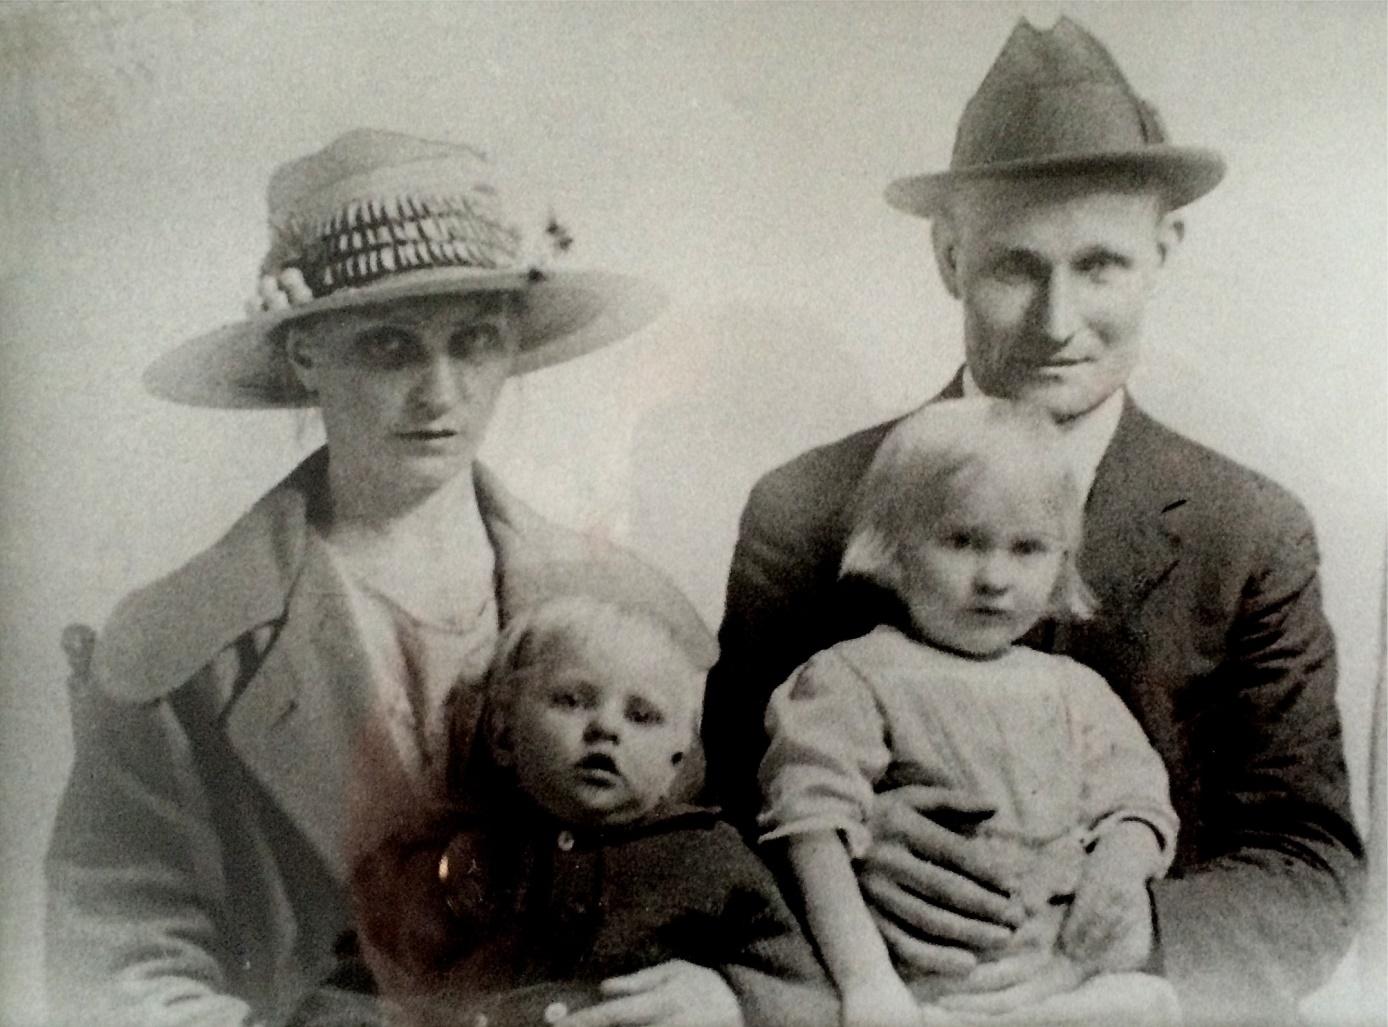 Detta foto är taget i Amerika år 1920 och dottern Ellen och sonen Eskil vet knappast om att de snart skall flytta till Finland.